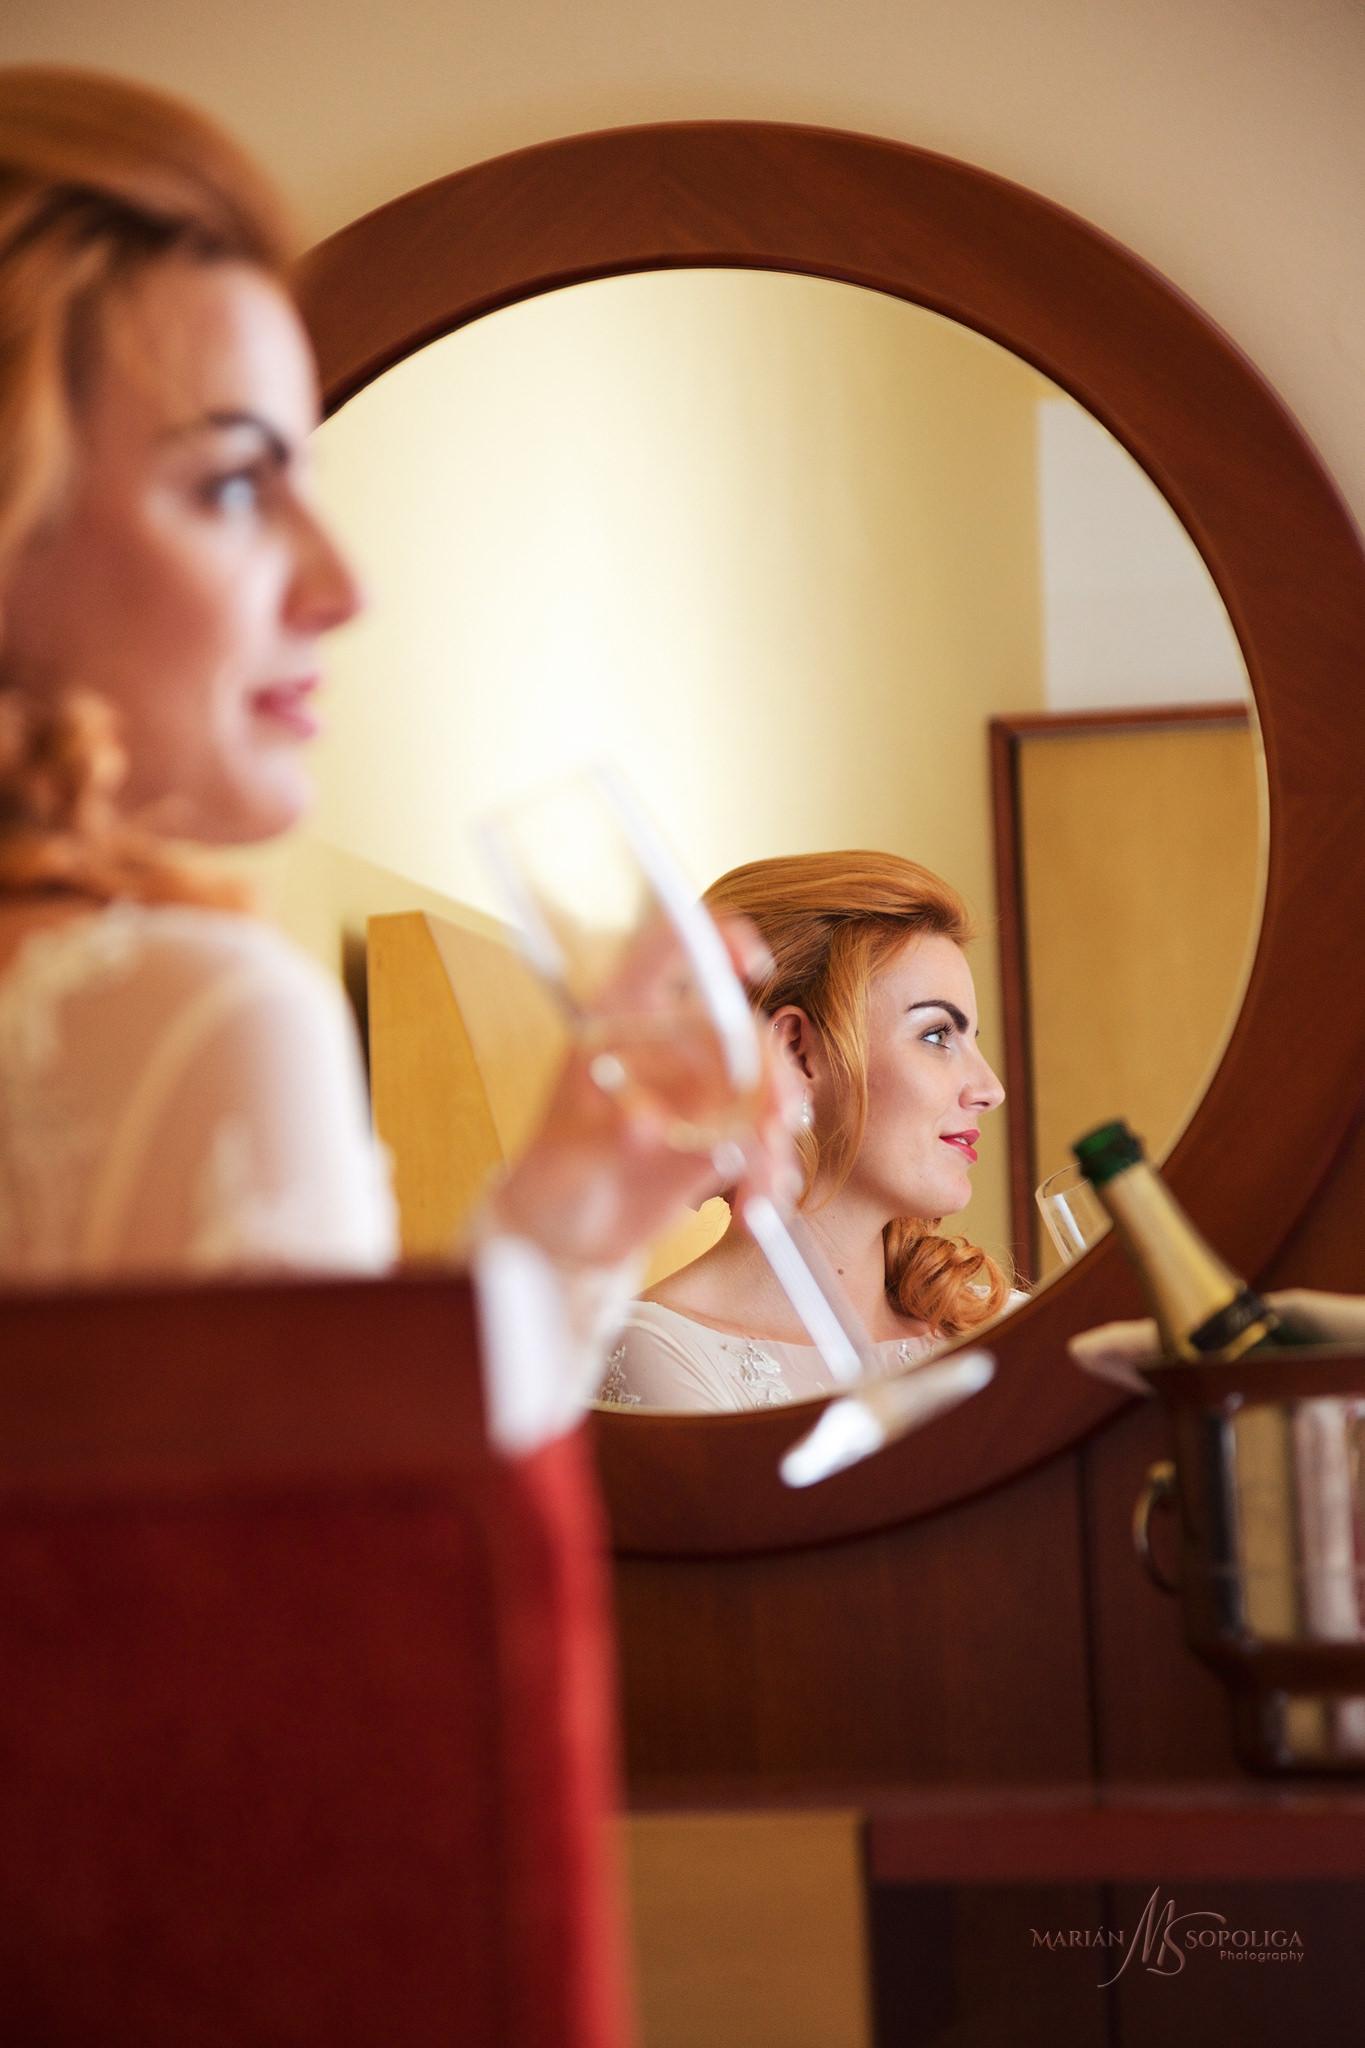 svatebni-fotka-z-rannich-priprav-nevesty-ze-svatby-v-hotelu-atla